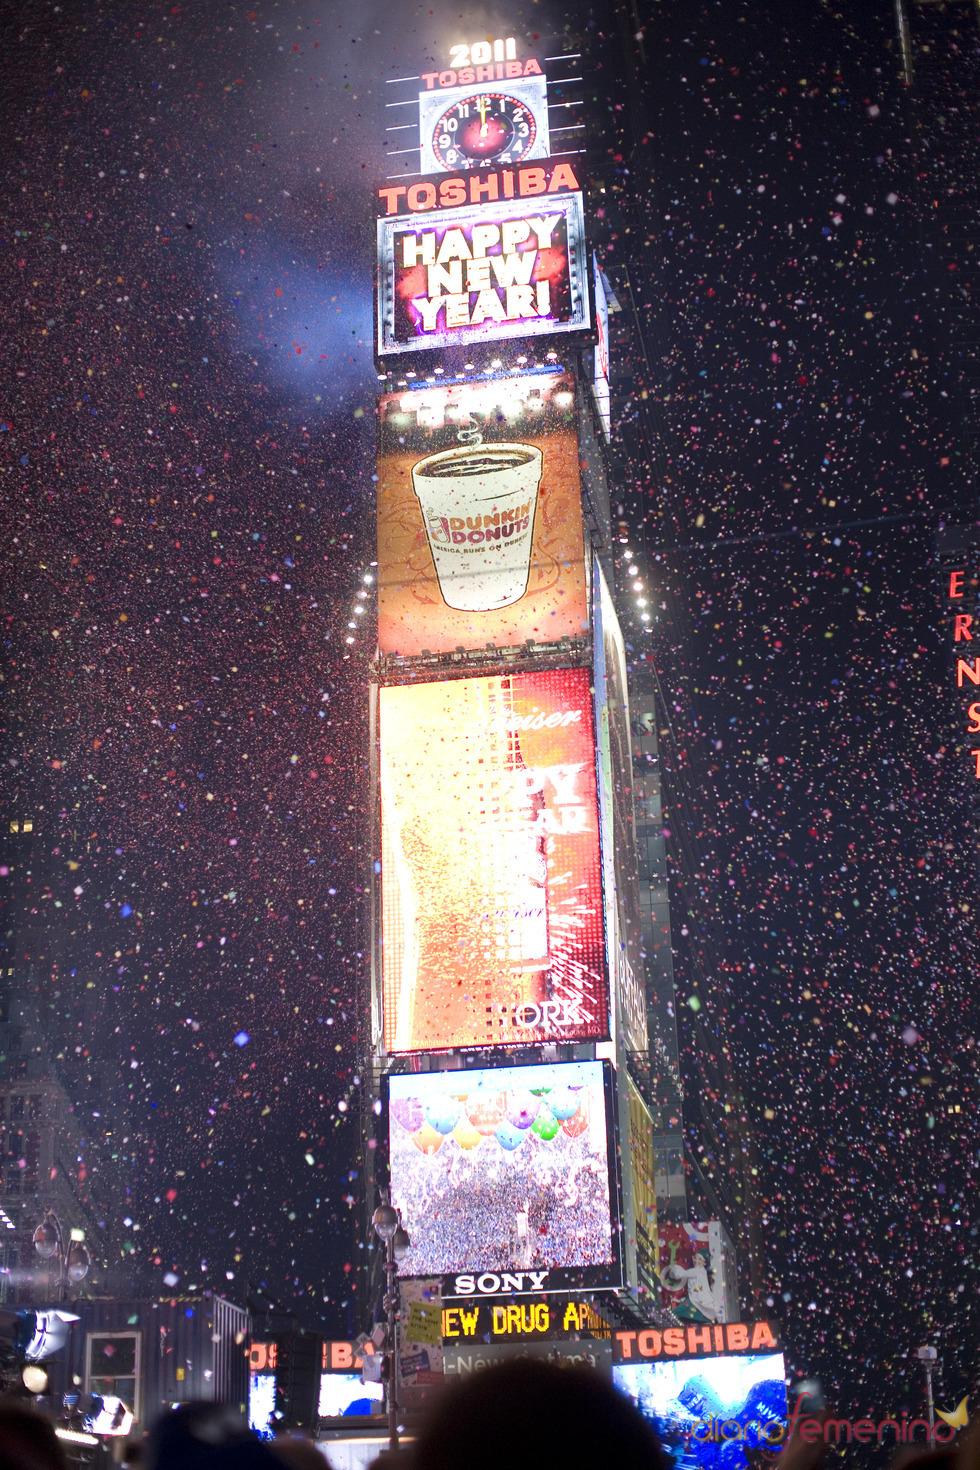 Espectacular lluvia de confeti en Nueva York para dar la bievenida a 2011